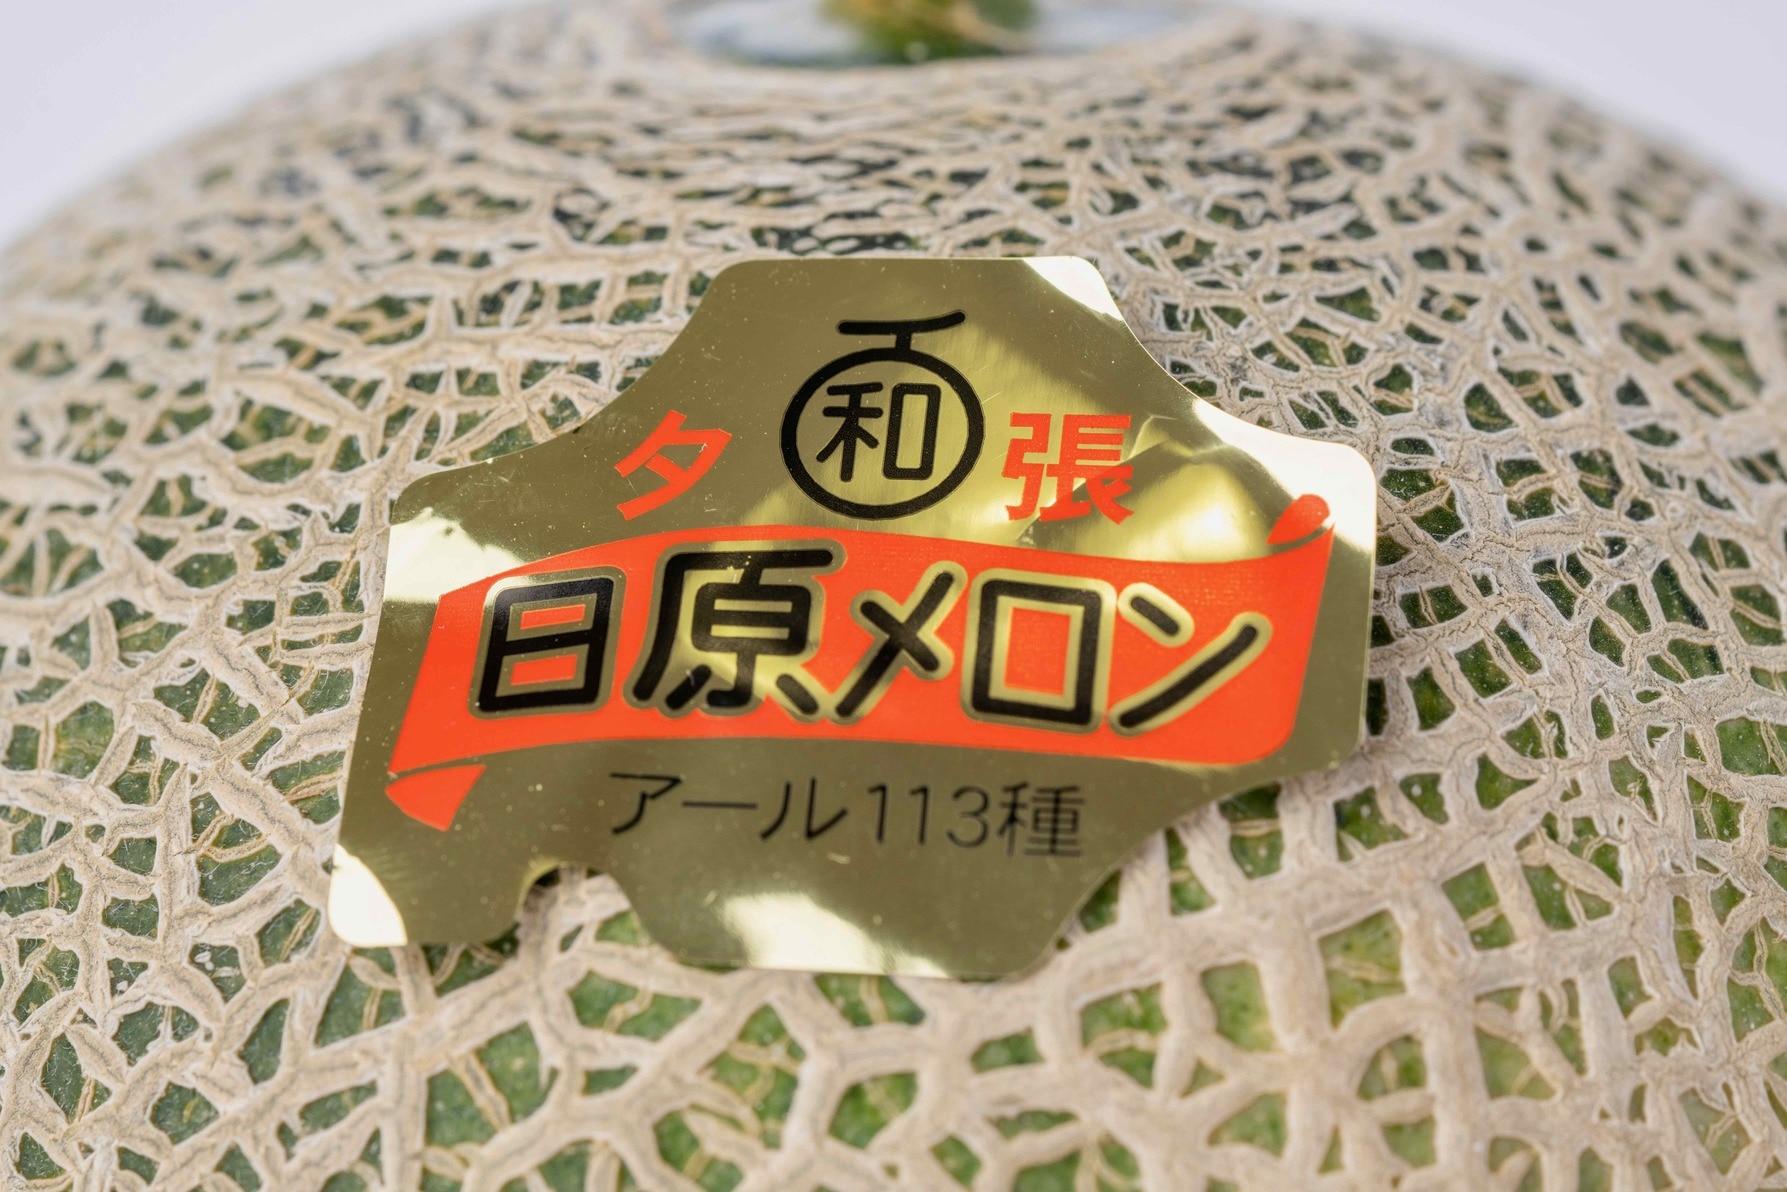 北海道栗山町の日原メロンに貼られたシール